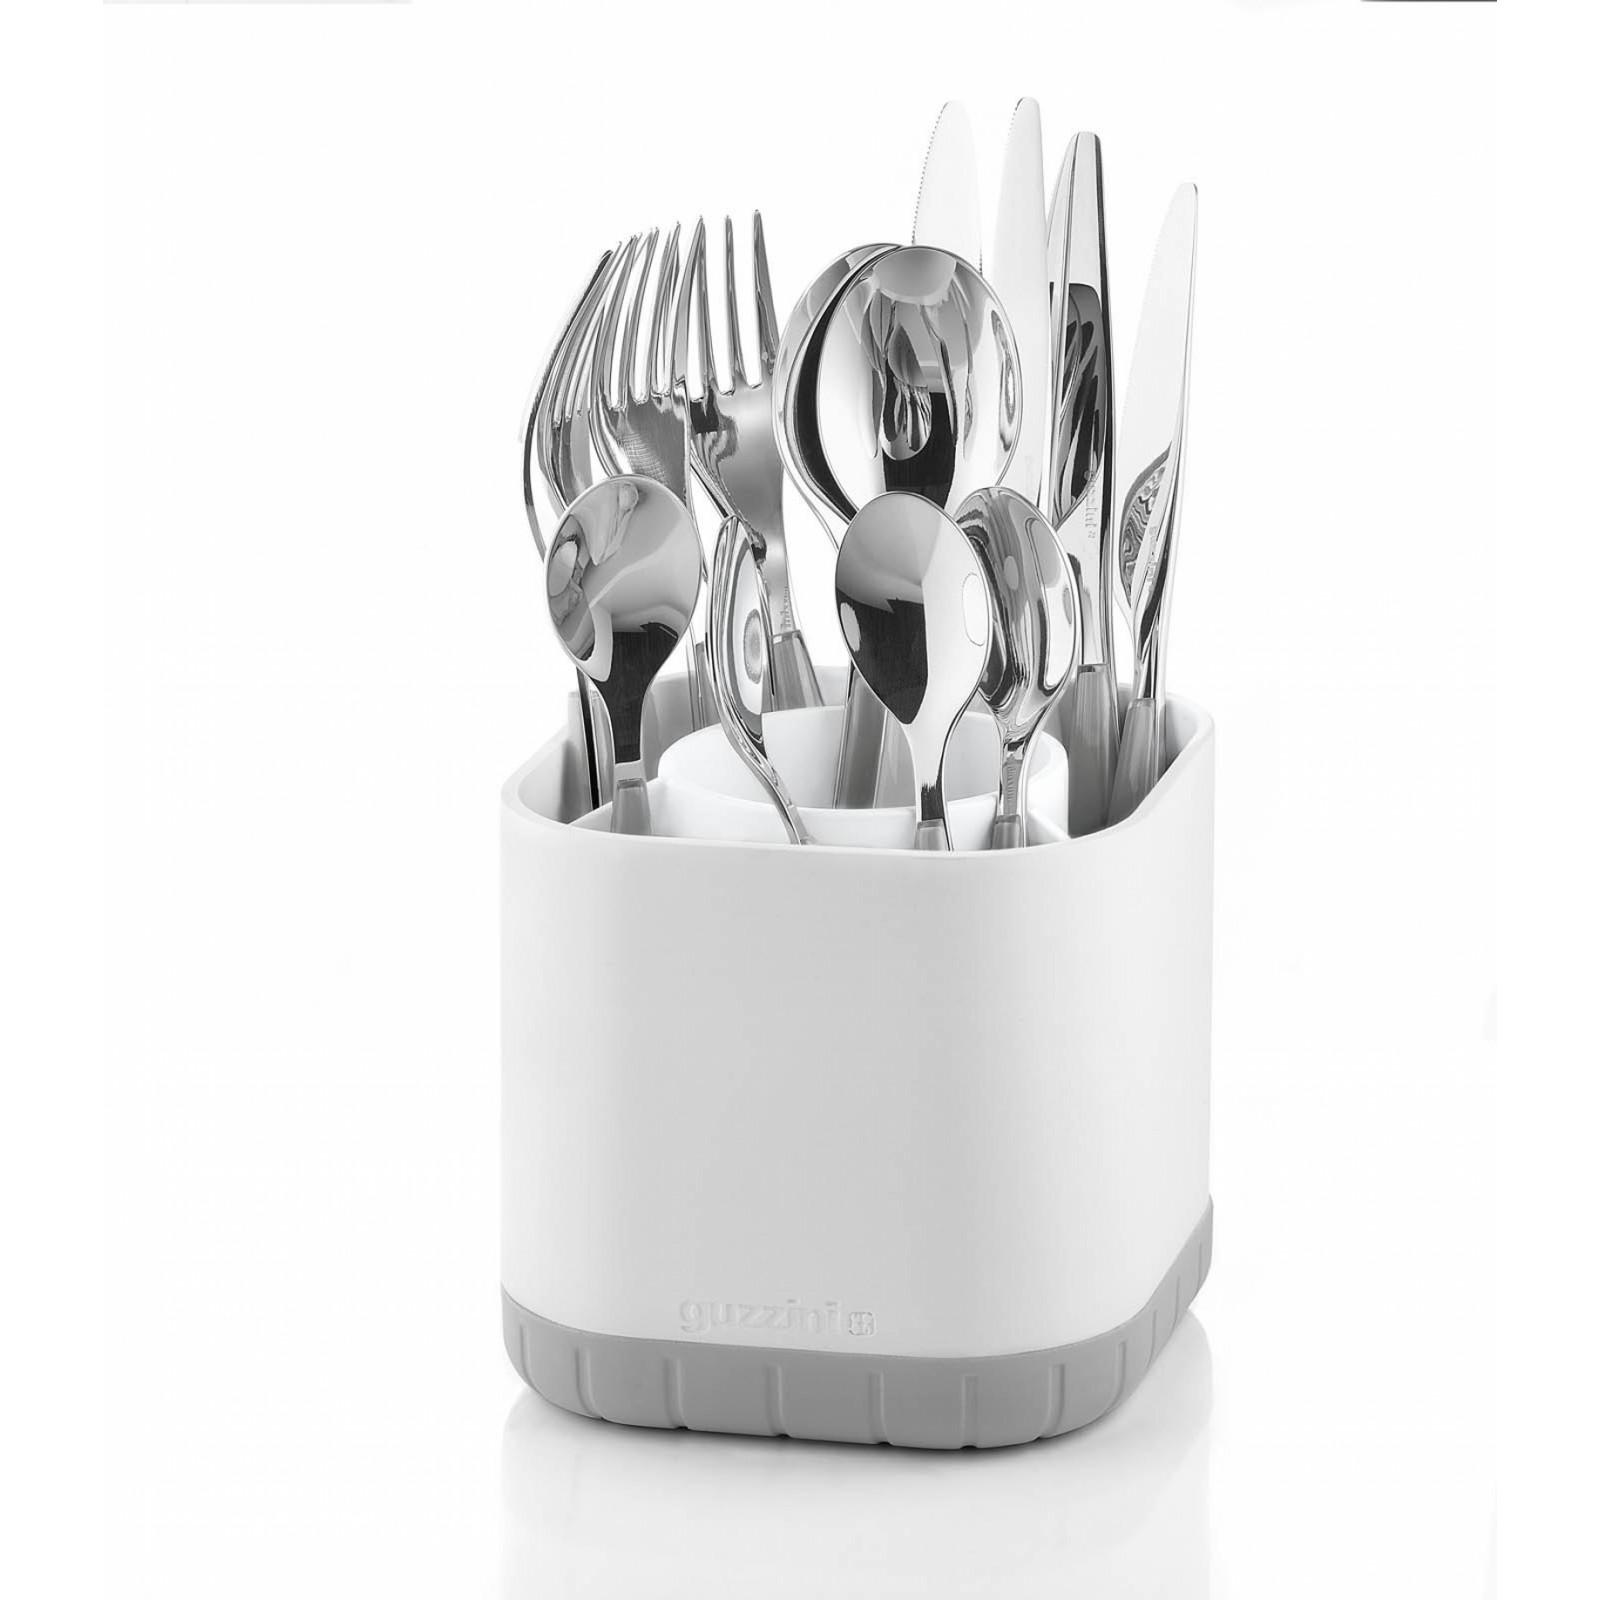 Подставка для столовых приборов MY KITCHENFratelli Guzzini производит пластиковую посуду и аксессуары для дома. Элегантная подставка - отличный помощник на кухне, благодаря которому столовые приборы всегда будут у вас под рукой, и ими удобно будет пользоваться.<br>